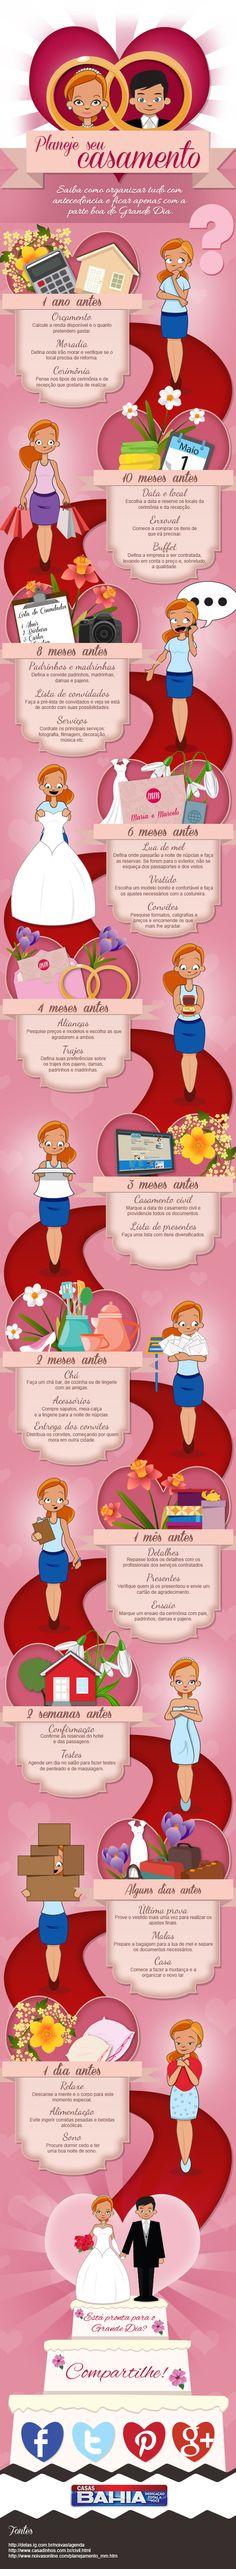 Infográfico - Planeje seu casamento | Noivinhas de Luxo